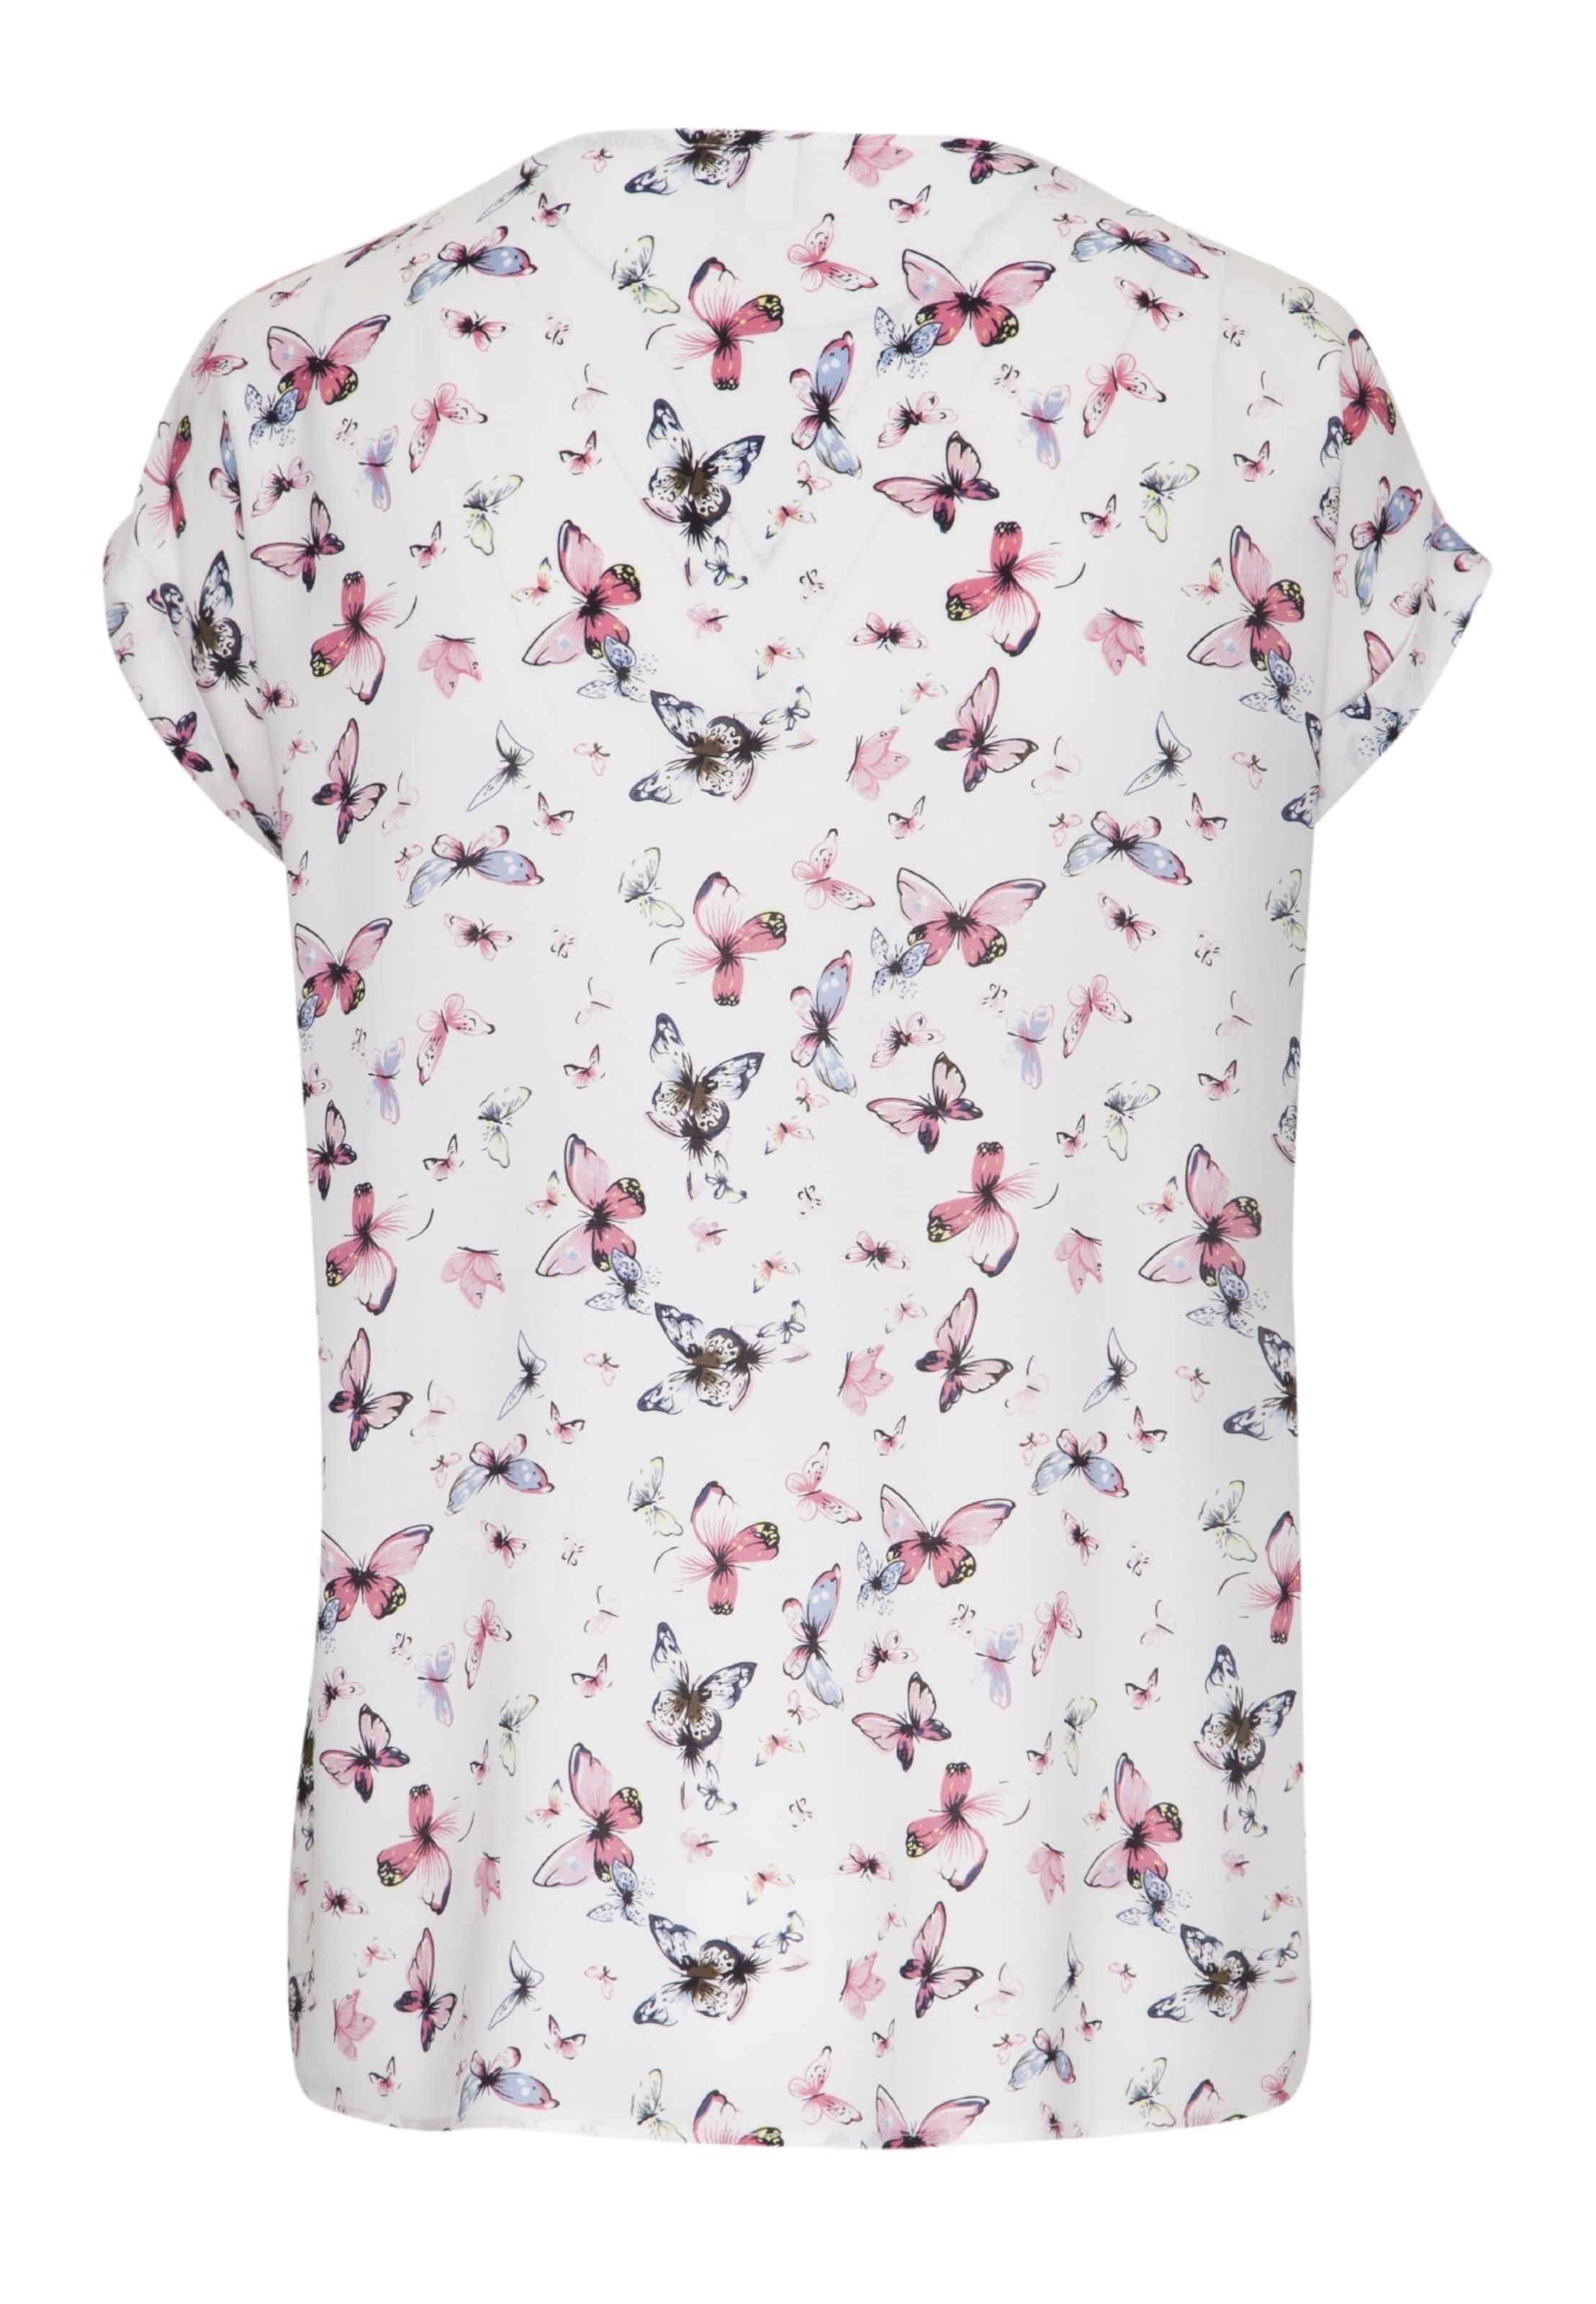 Freies Verschiffen Preiswerter Preis Neueste Online-Verkauf SEIDENSTICKER Shirtbluse 'Schwarze Rose' Niedrig Kosten Günstig Online Günstig Kaufen Outlet Empfehlen Online wsBjiL5